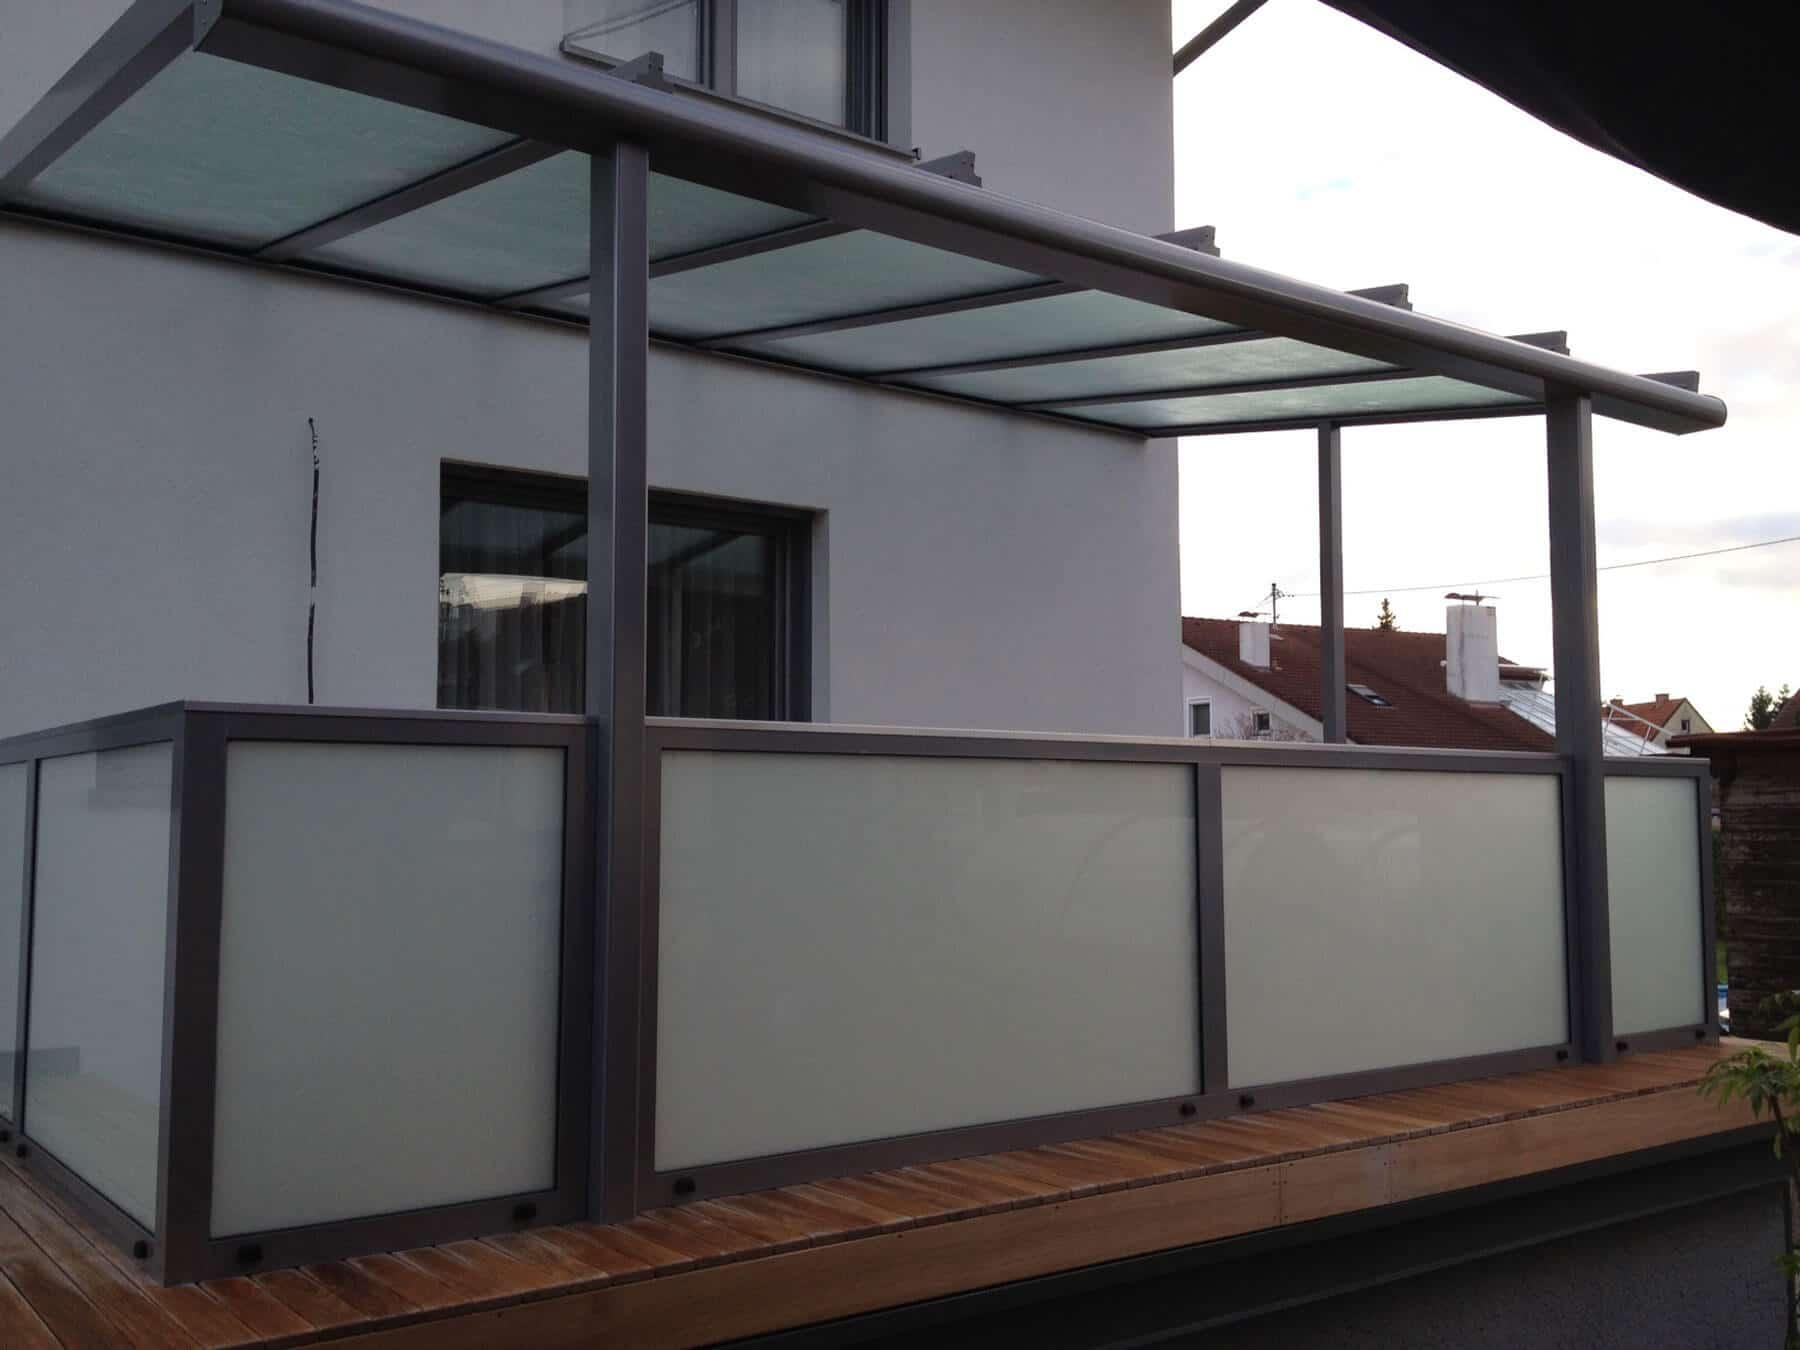 Falttüren aus Glas für Innen- oder Außenanwendung in Österreich